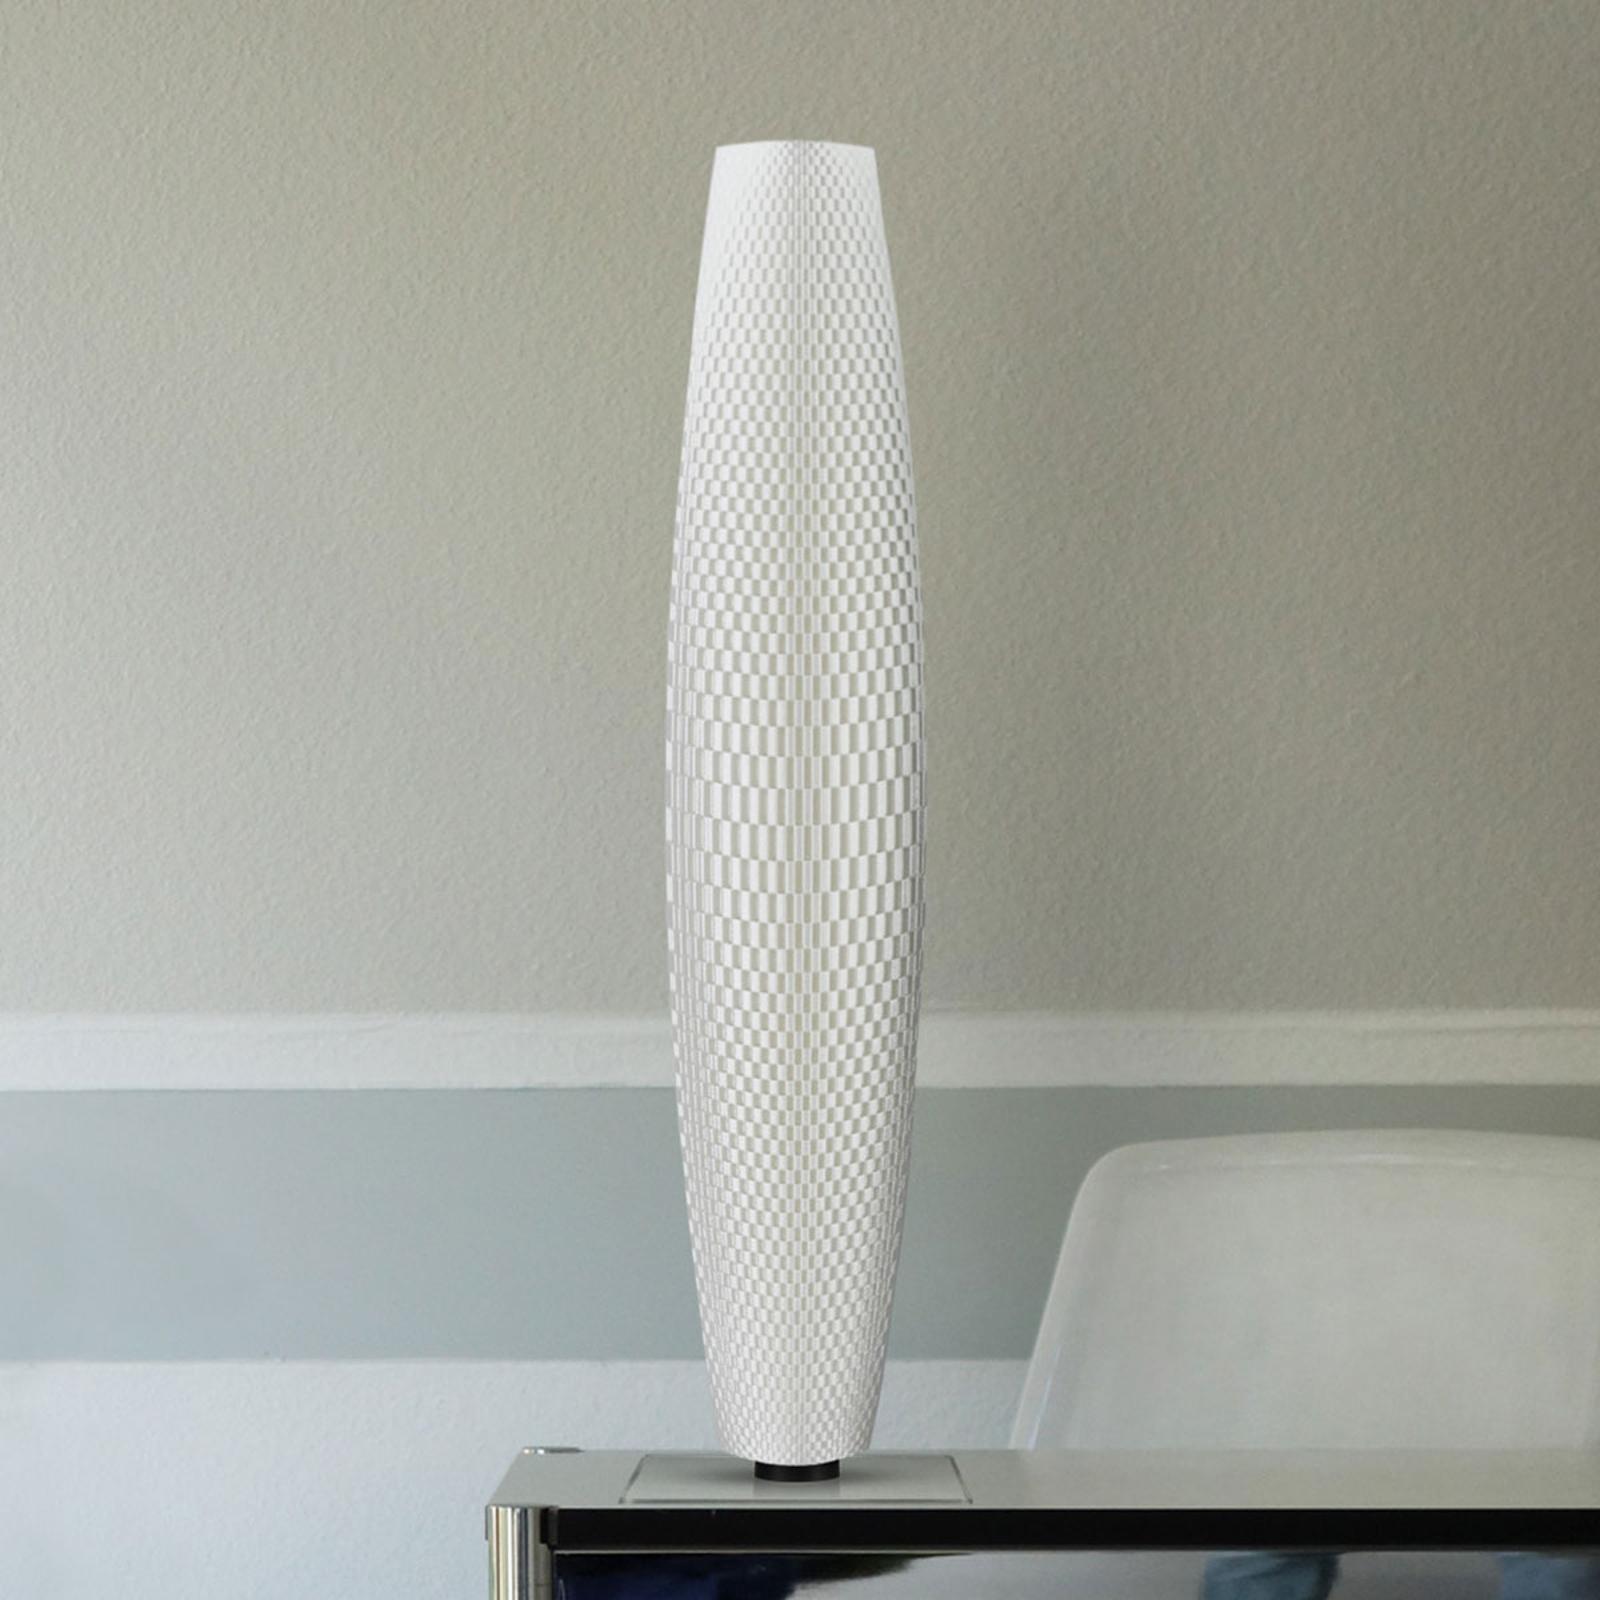 LED-lattiavalaisin Punos Pur, valkoinen 75 cm